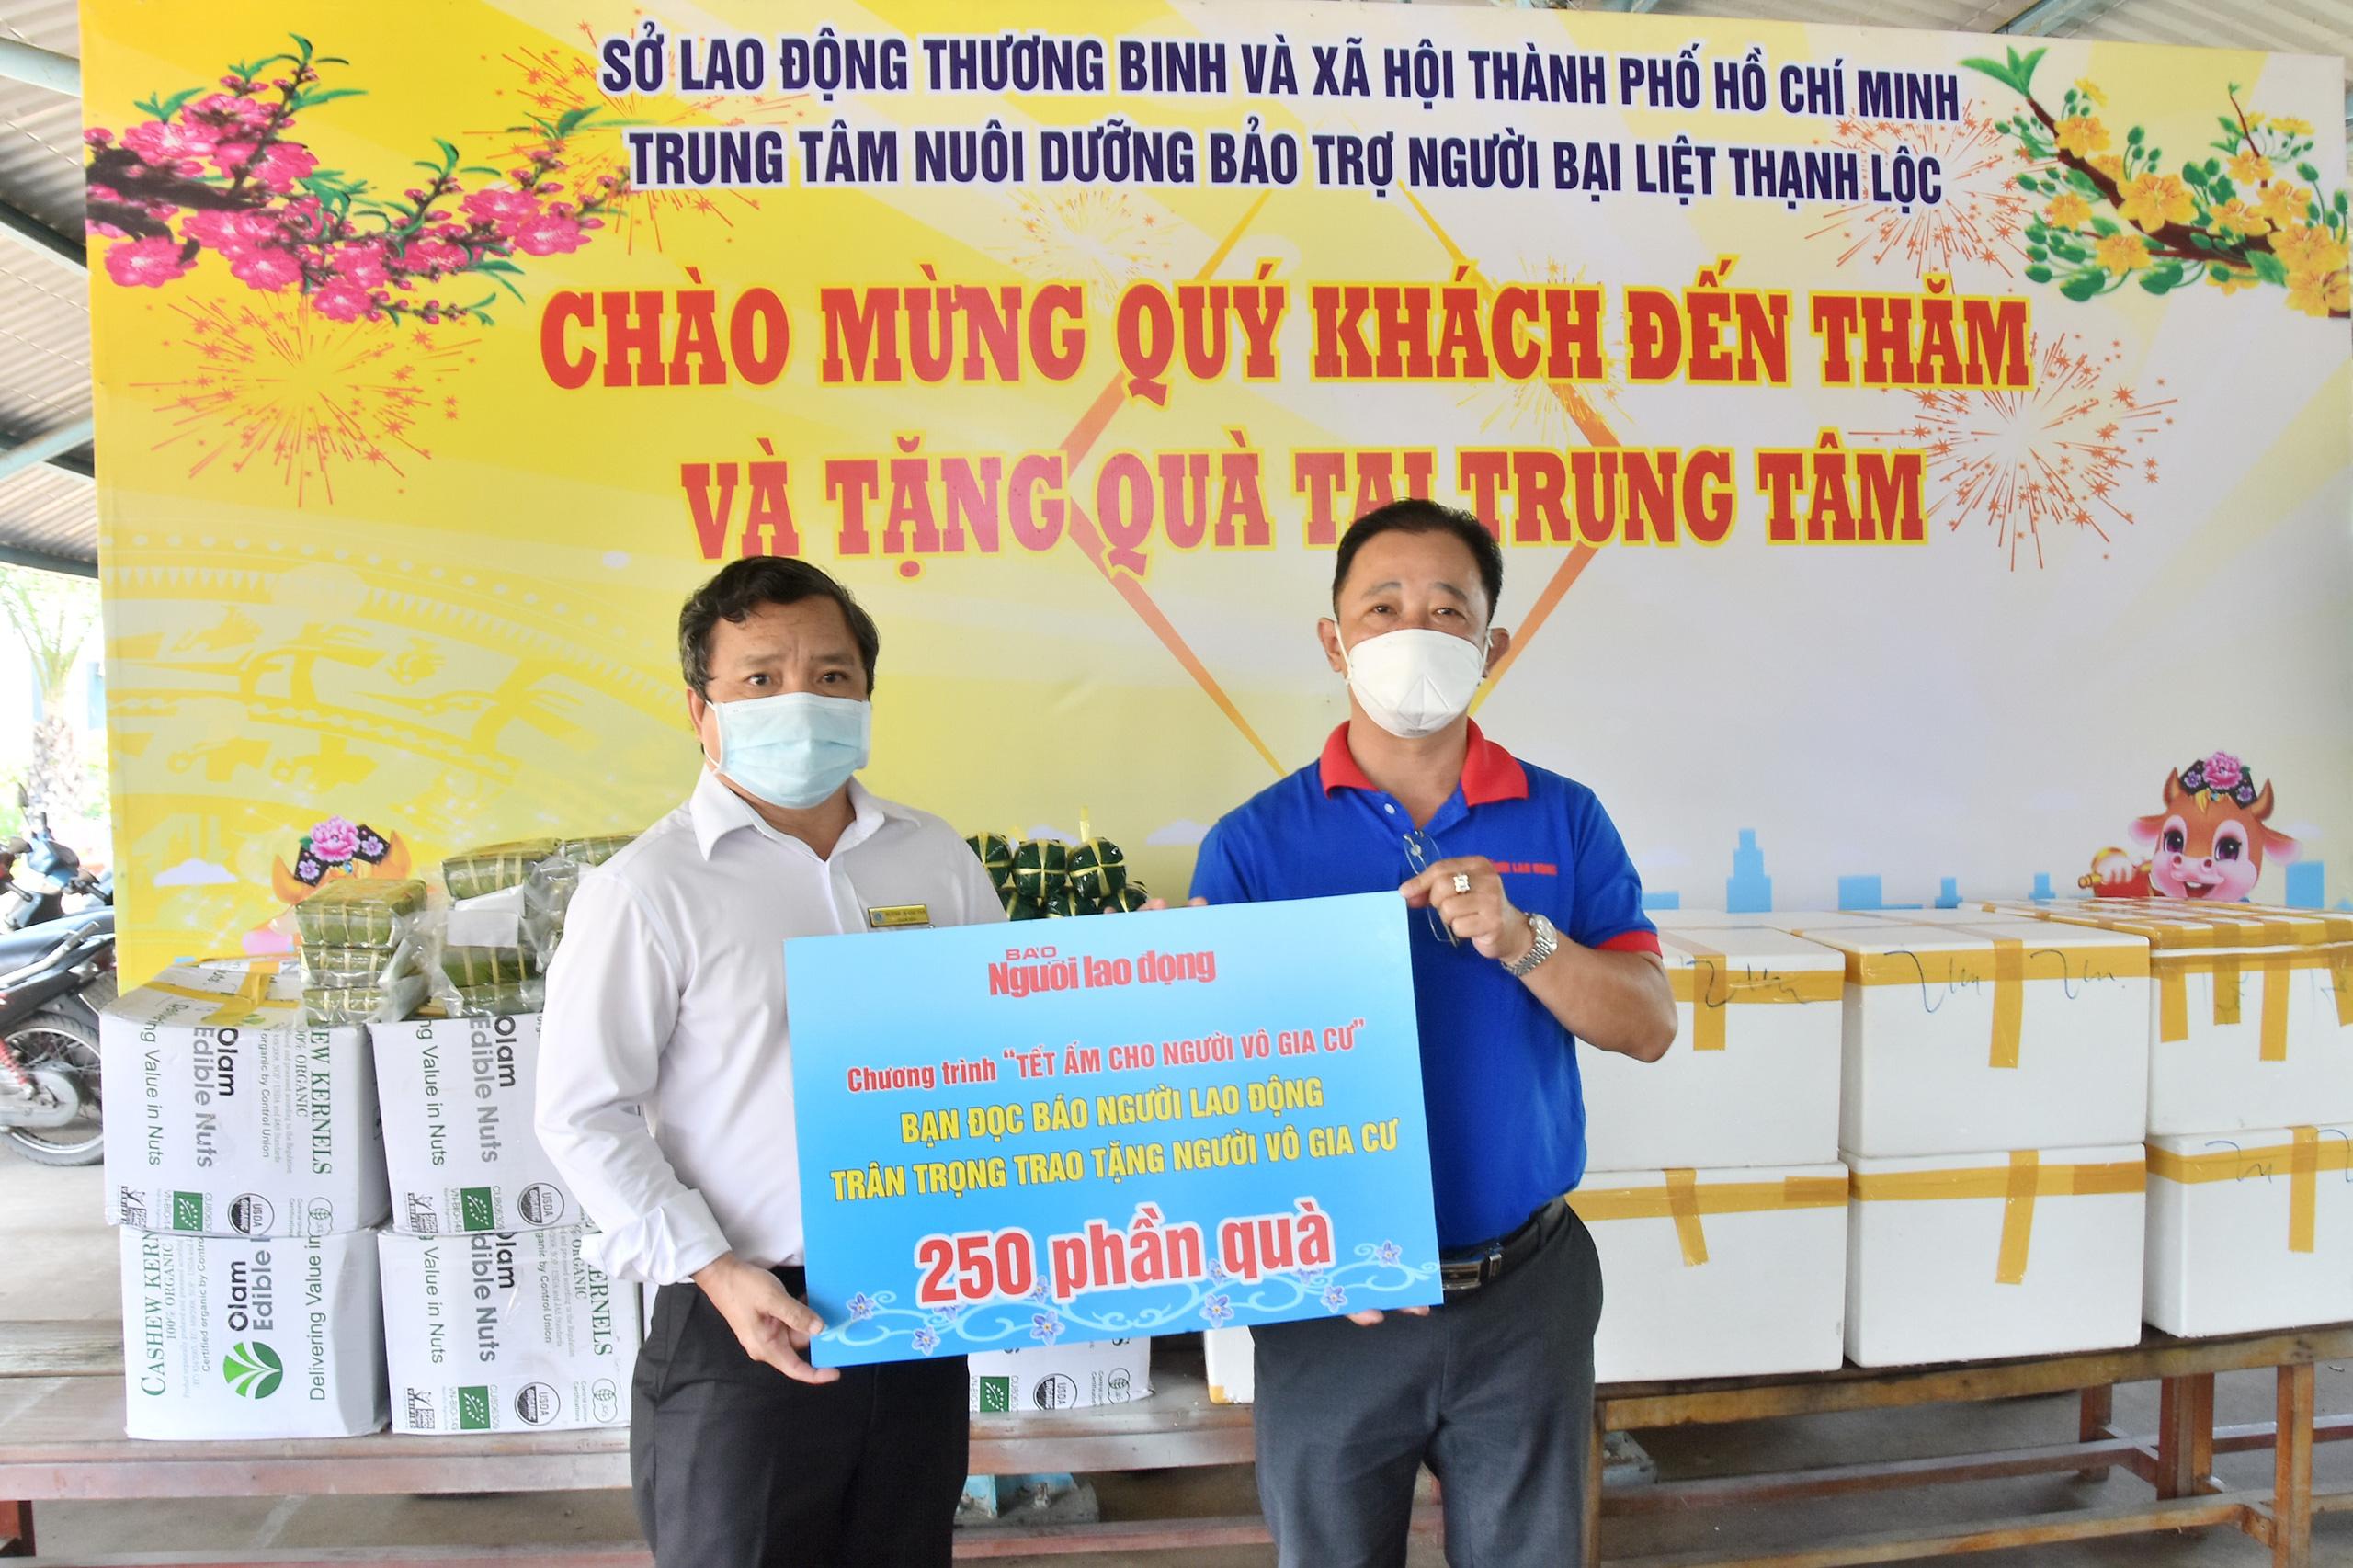 TT Nuôi dưỡng Bảo trợ người bại liệt Thạnh Lộc- 5500